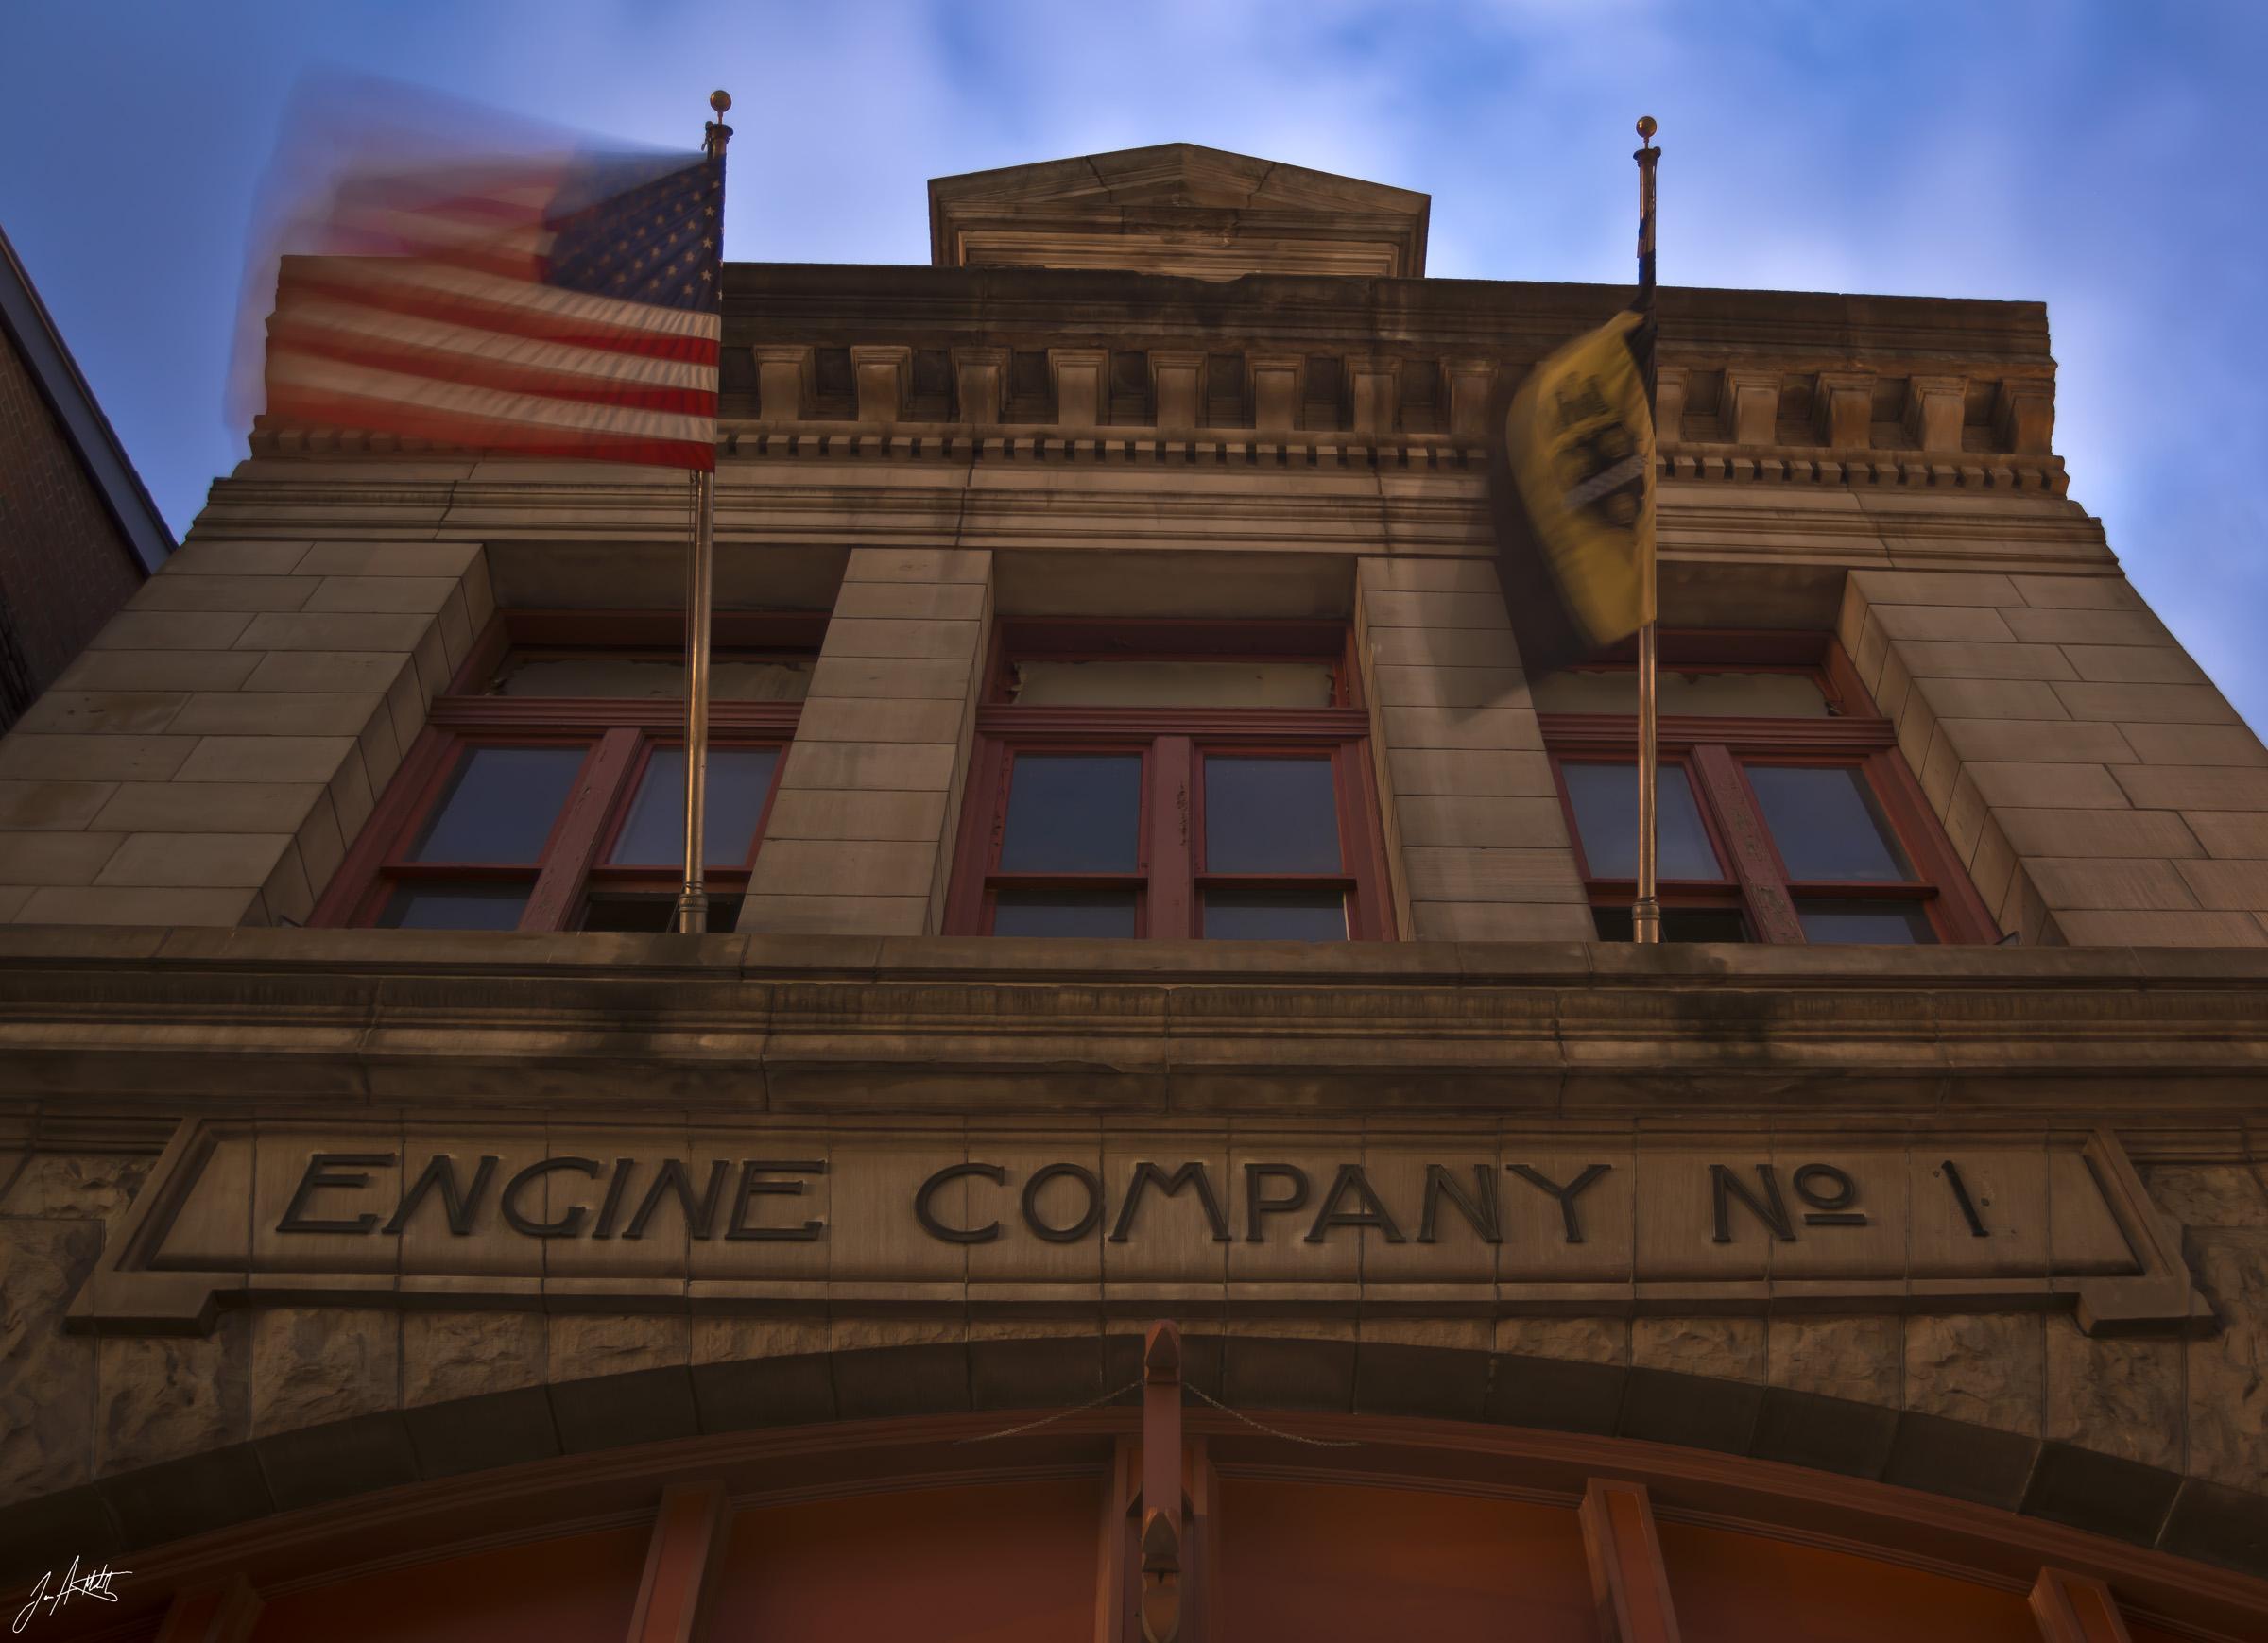 Day289_EngineCompany#1_October16